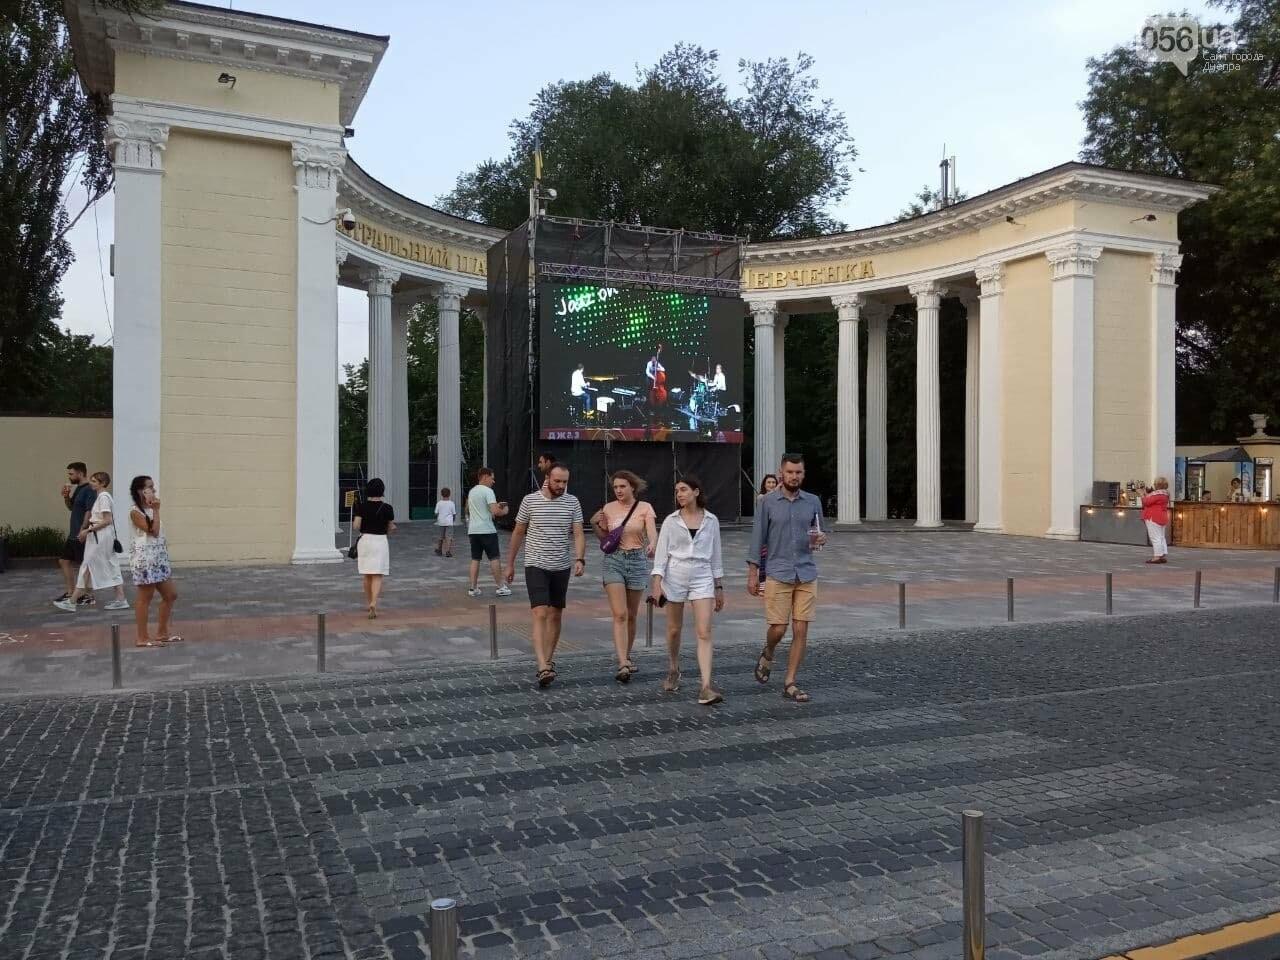 В Днепре по всей территории парка Шевченко звучит музыка нон-стоп, - ФОТО, ВИДЕО, фото-50